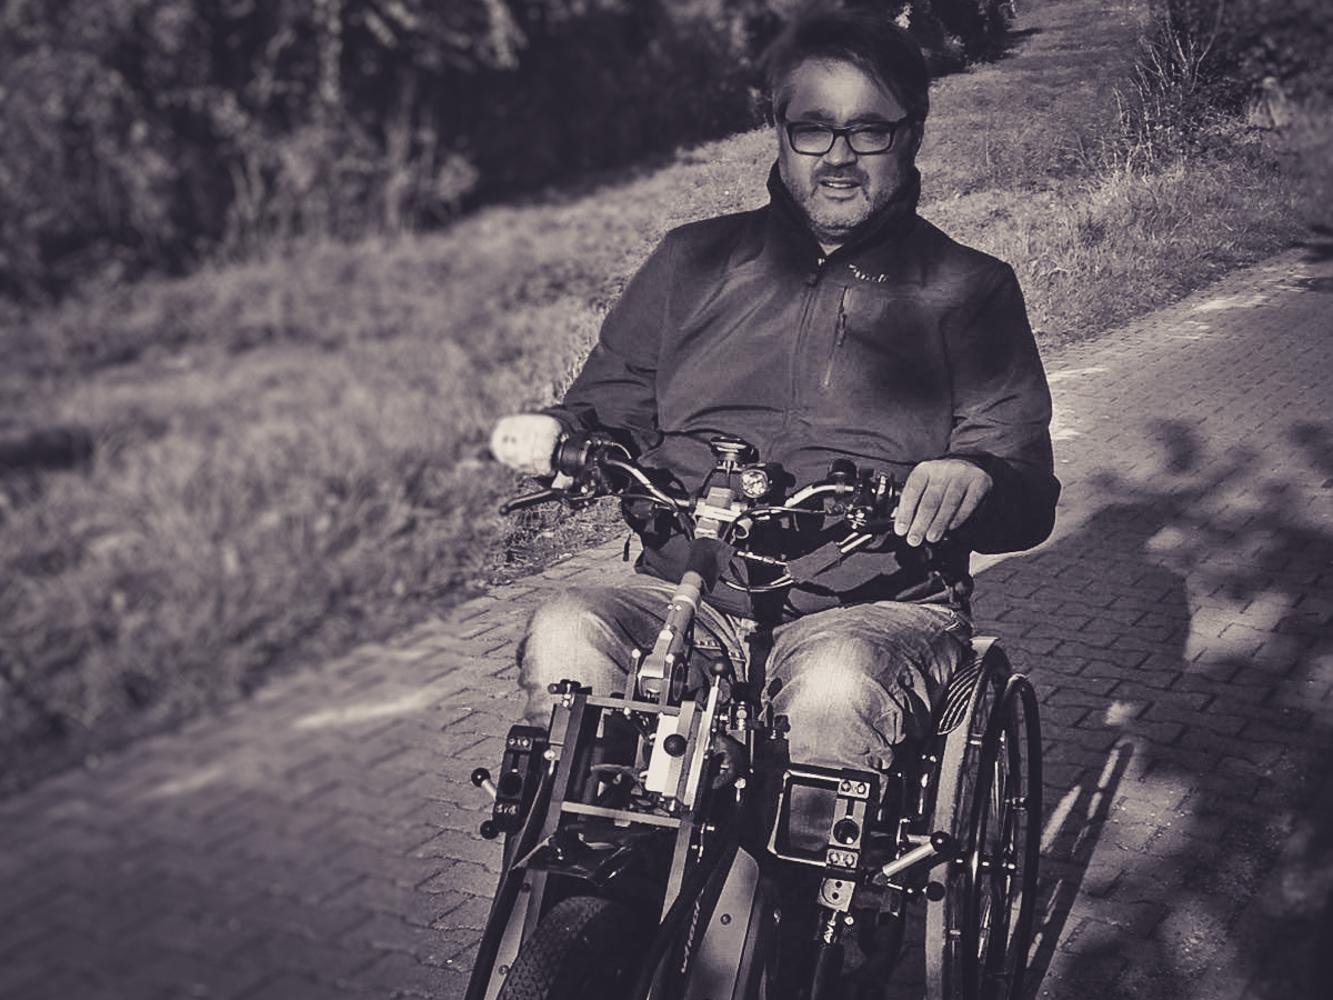 Unterwegs mit dem Wheel-e